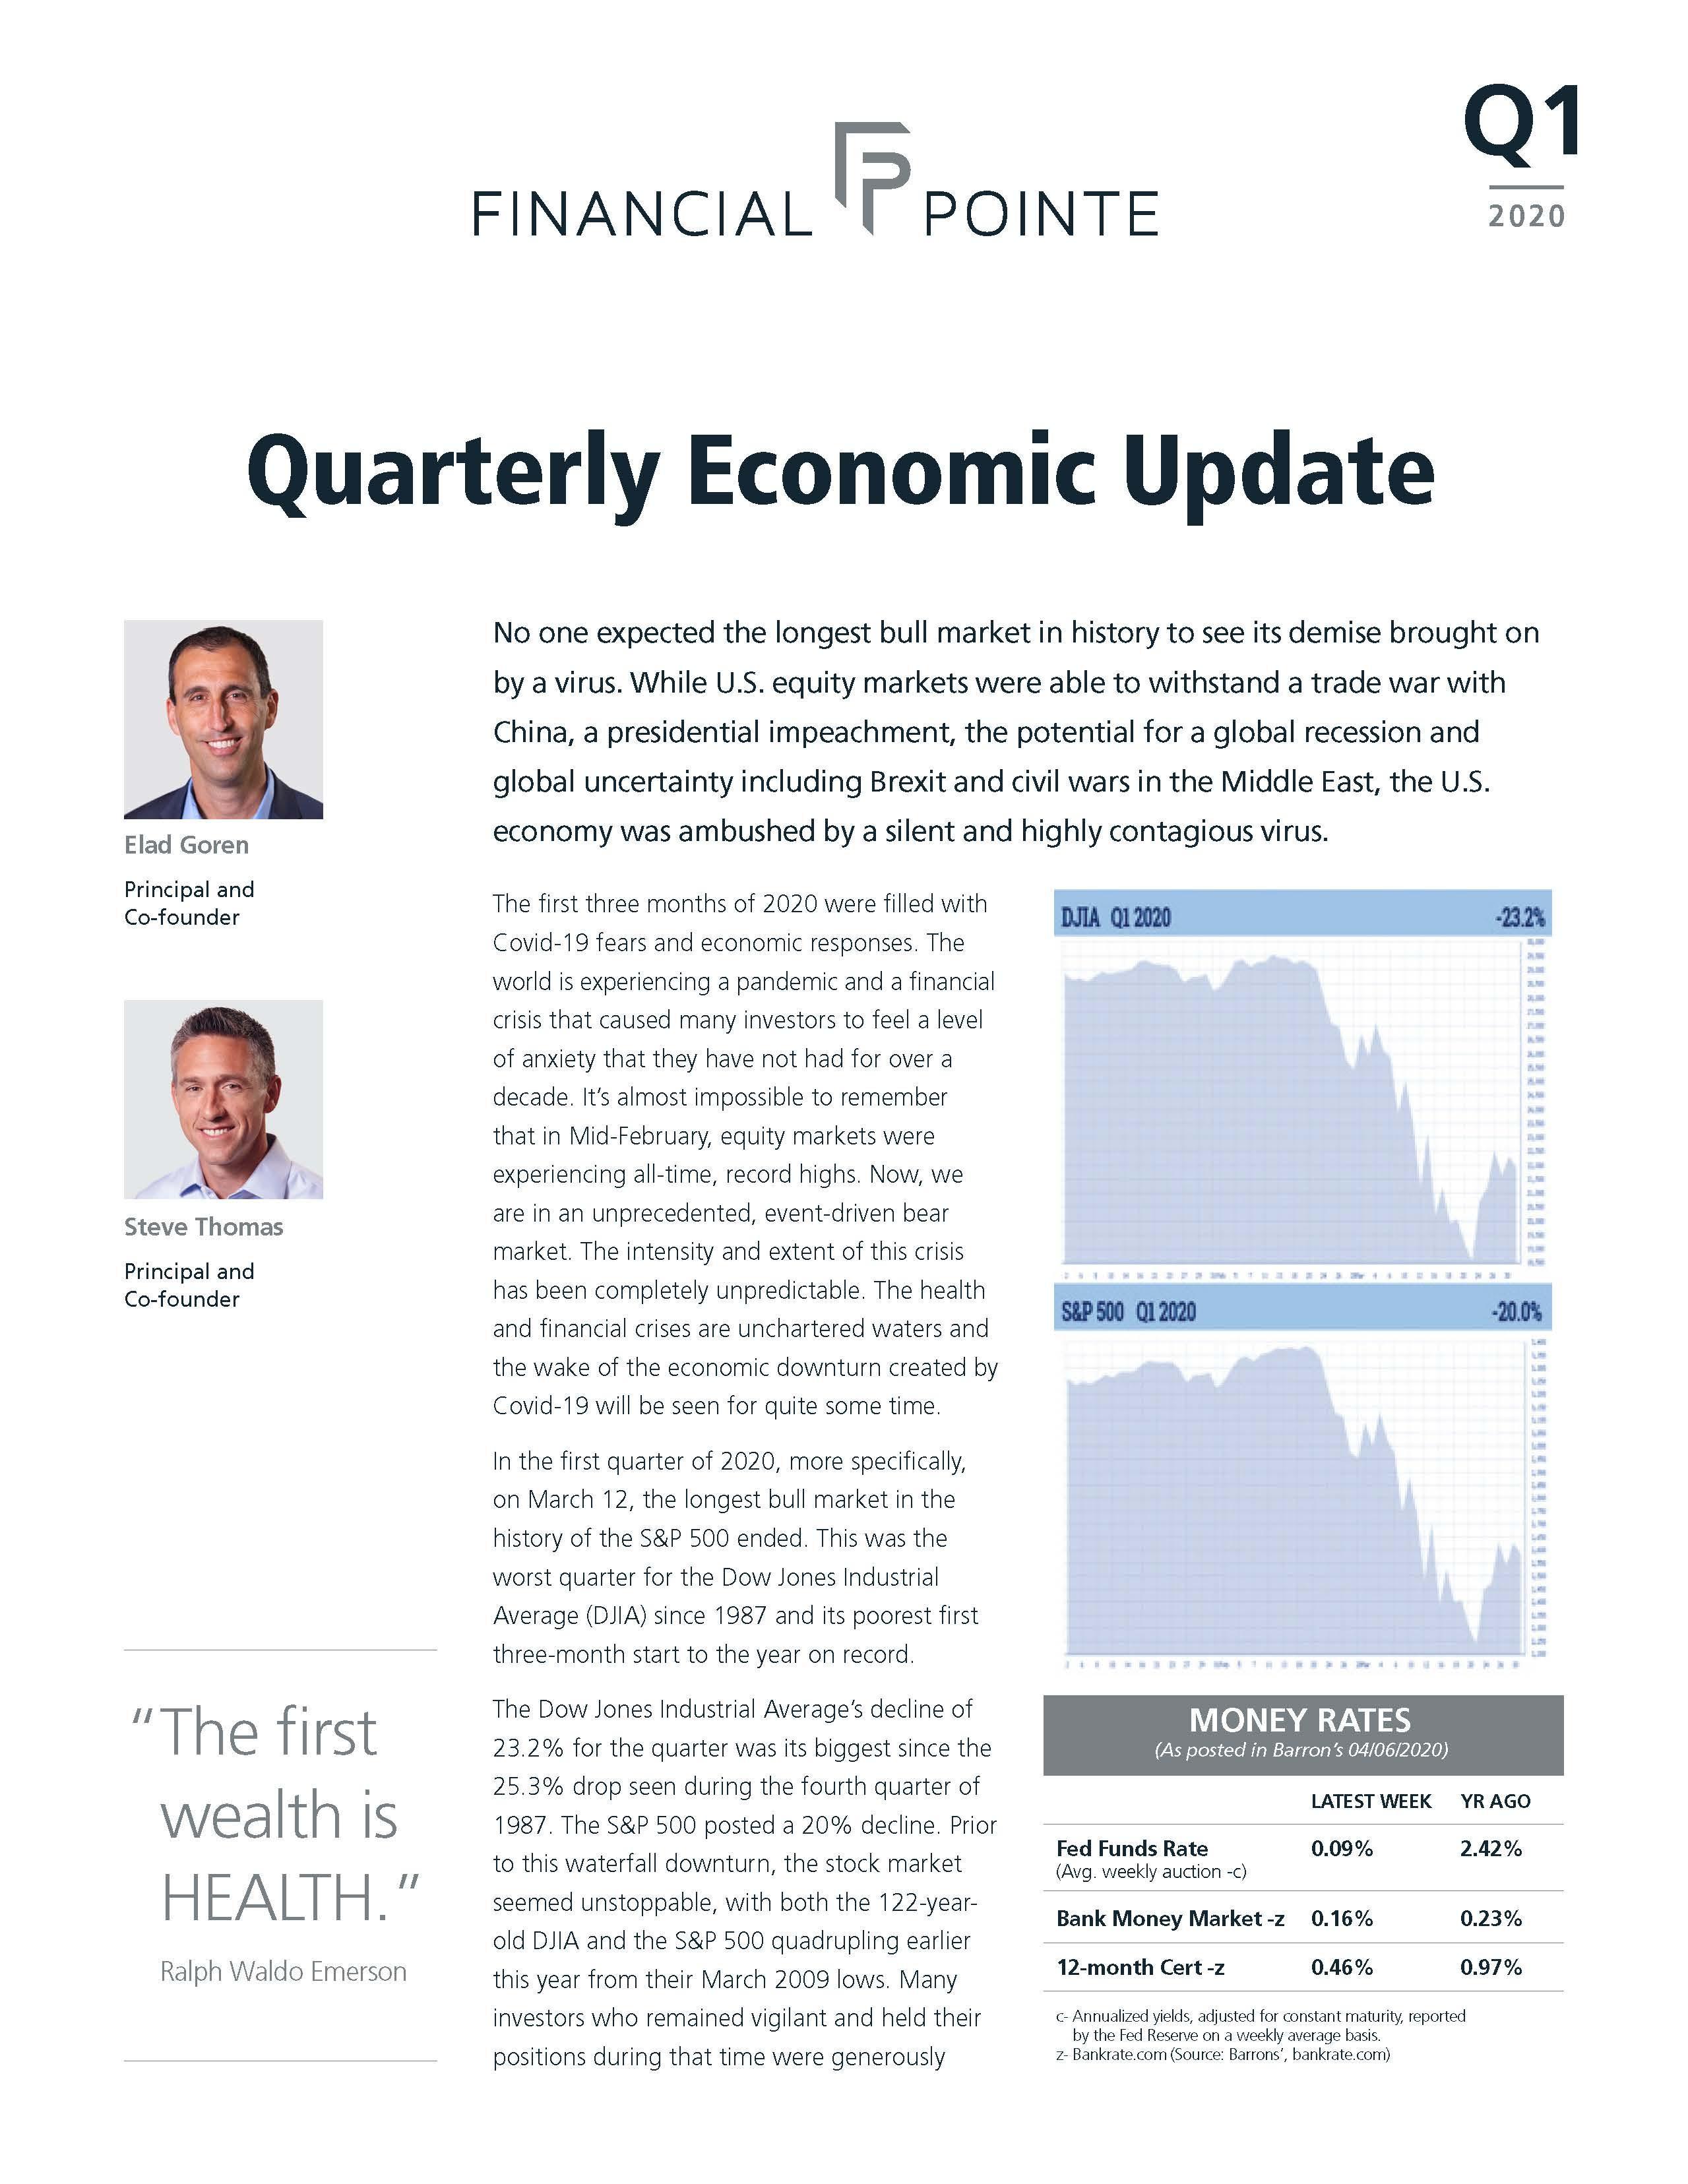 Q1 Newsletter - 2020 Thumbnail